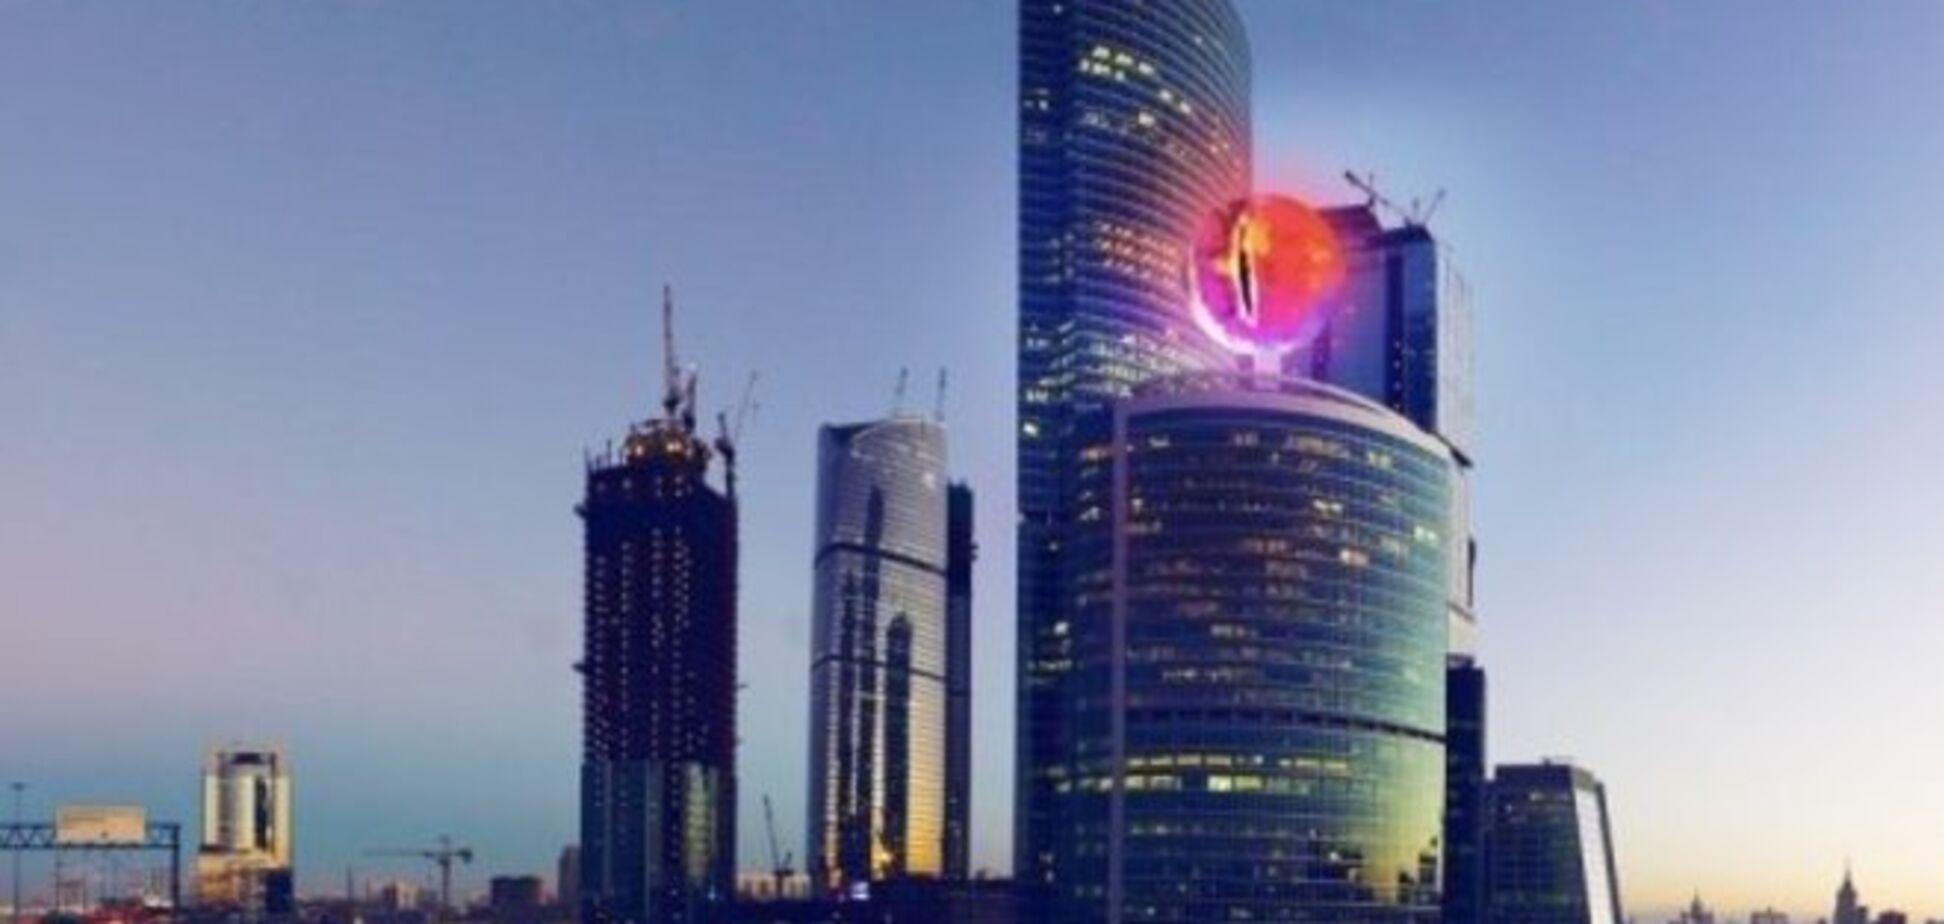 В РПЦ назвали 'Око Саурона' над Москвой символом зла